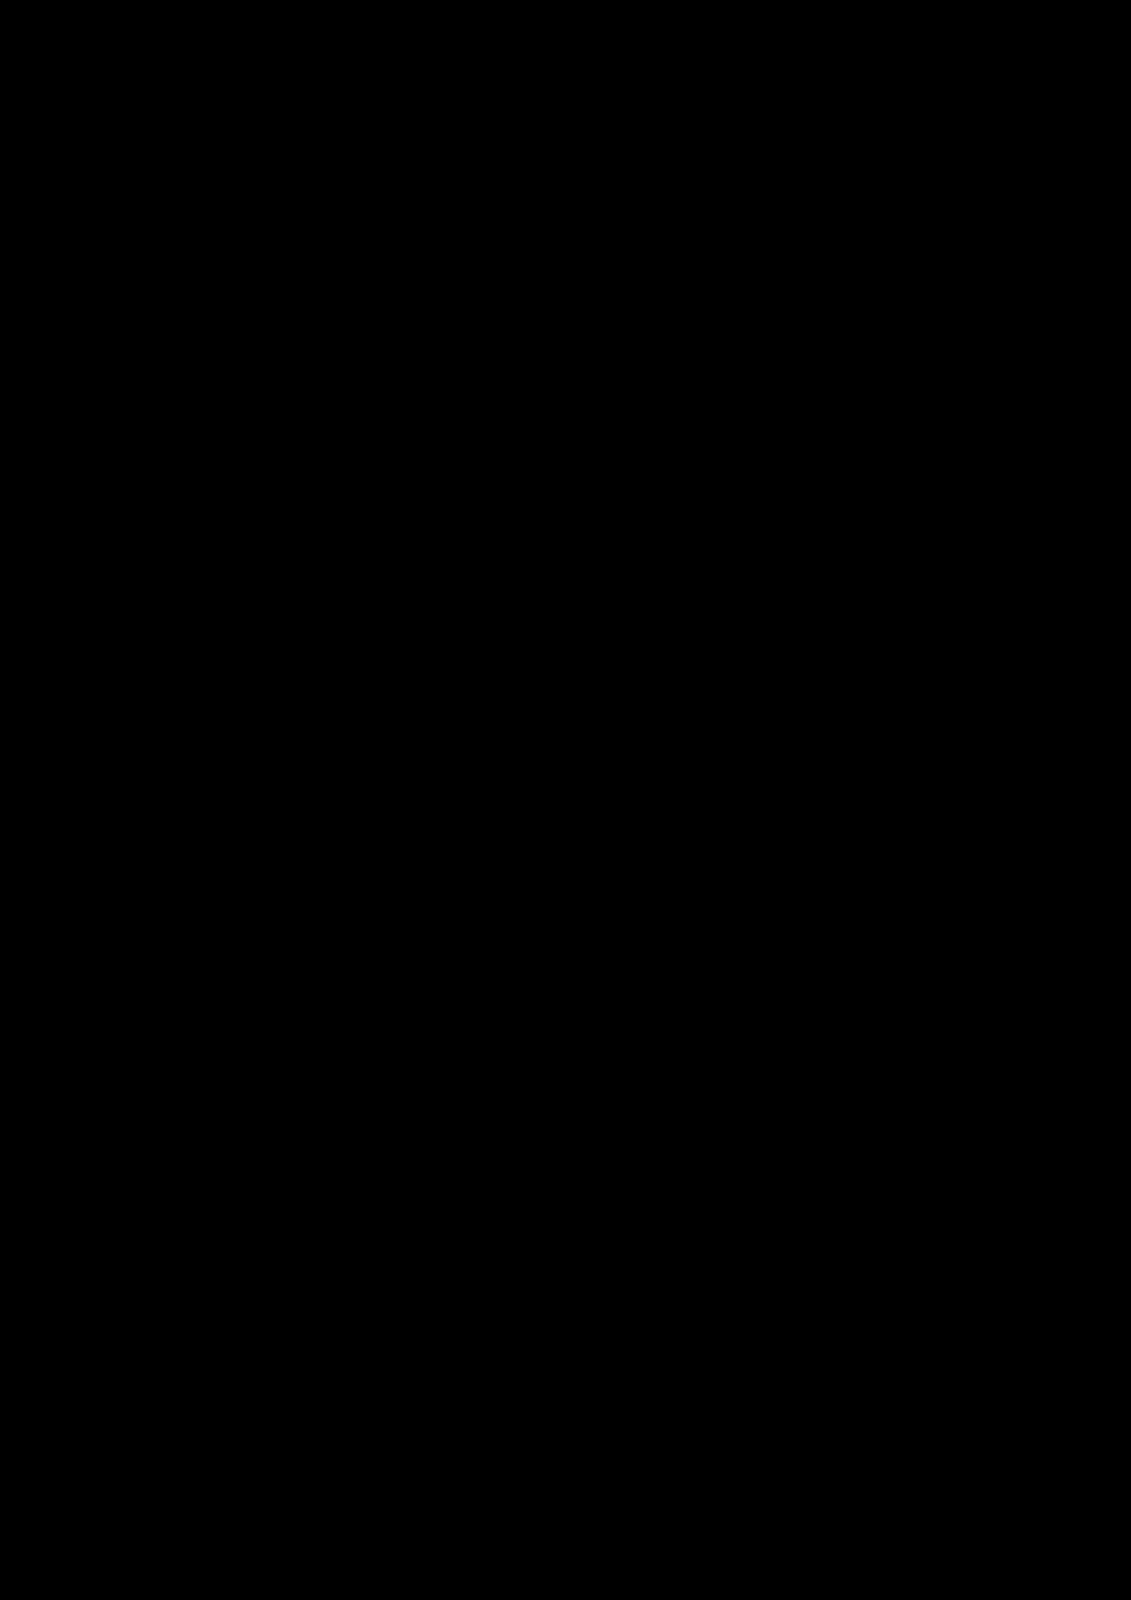 【半島青年商會】誠邀您出席「樂聚半島・非凡50」呈獻之活動